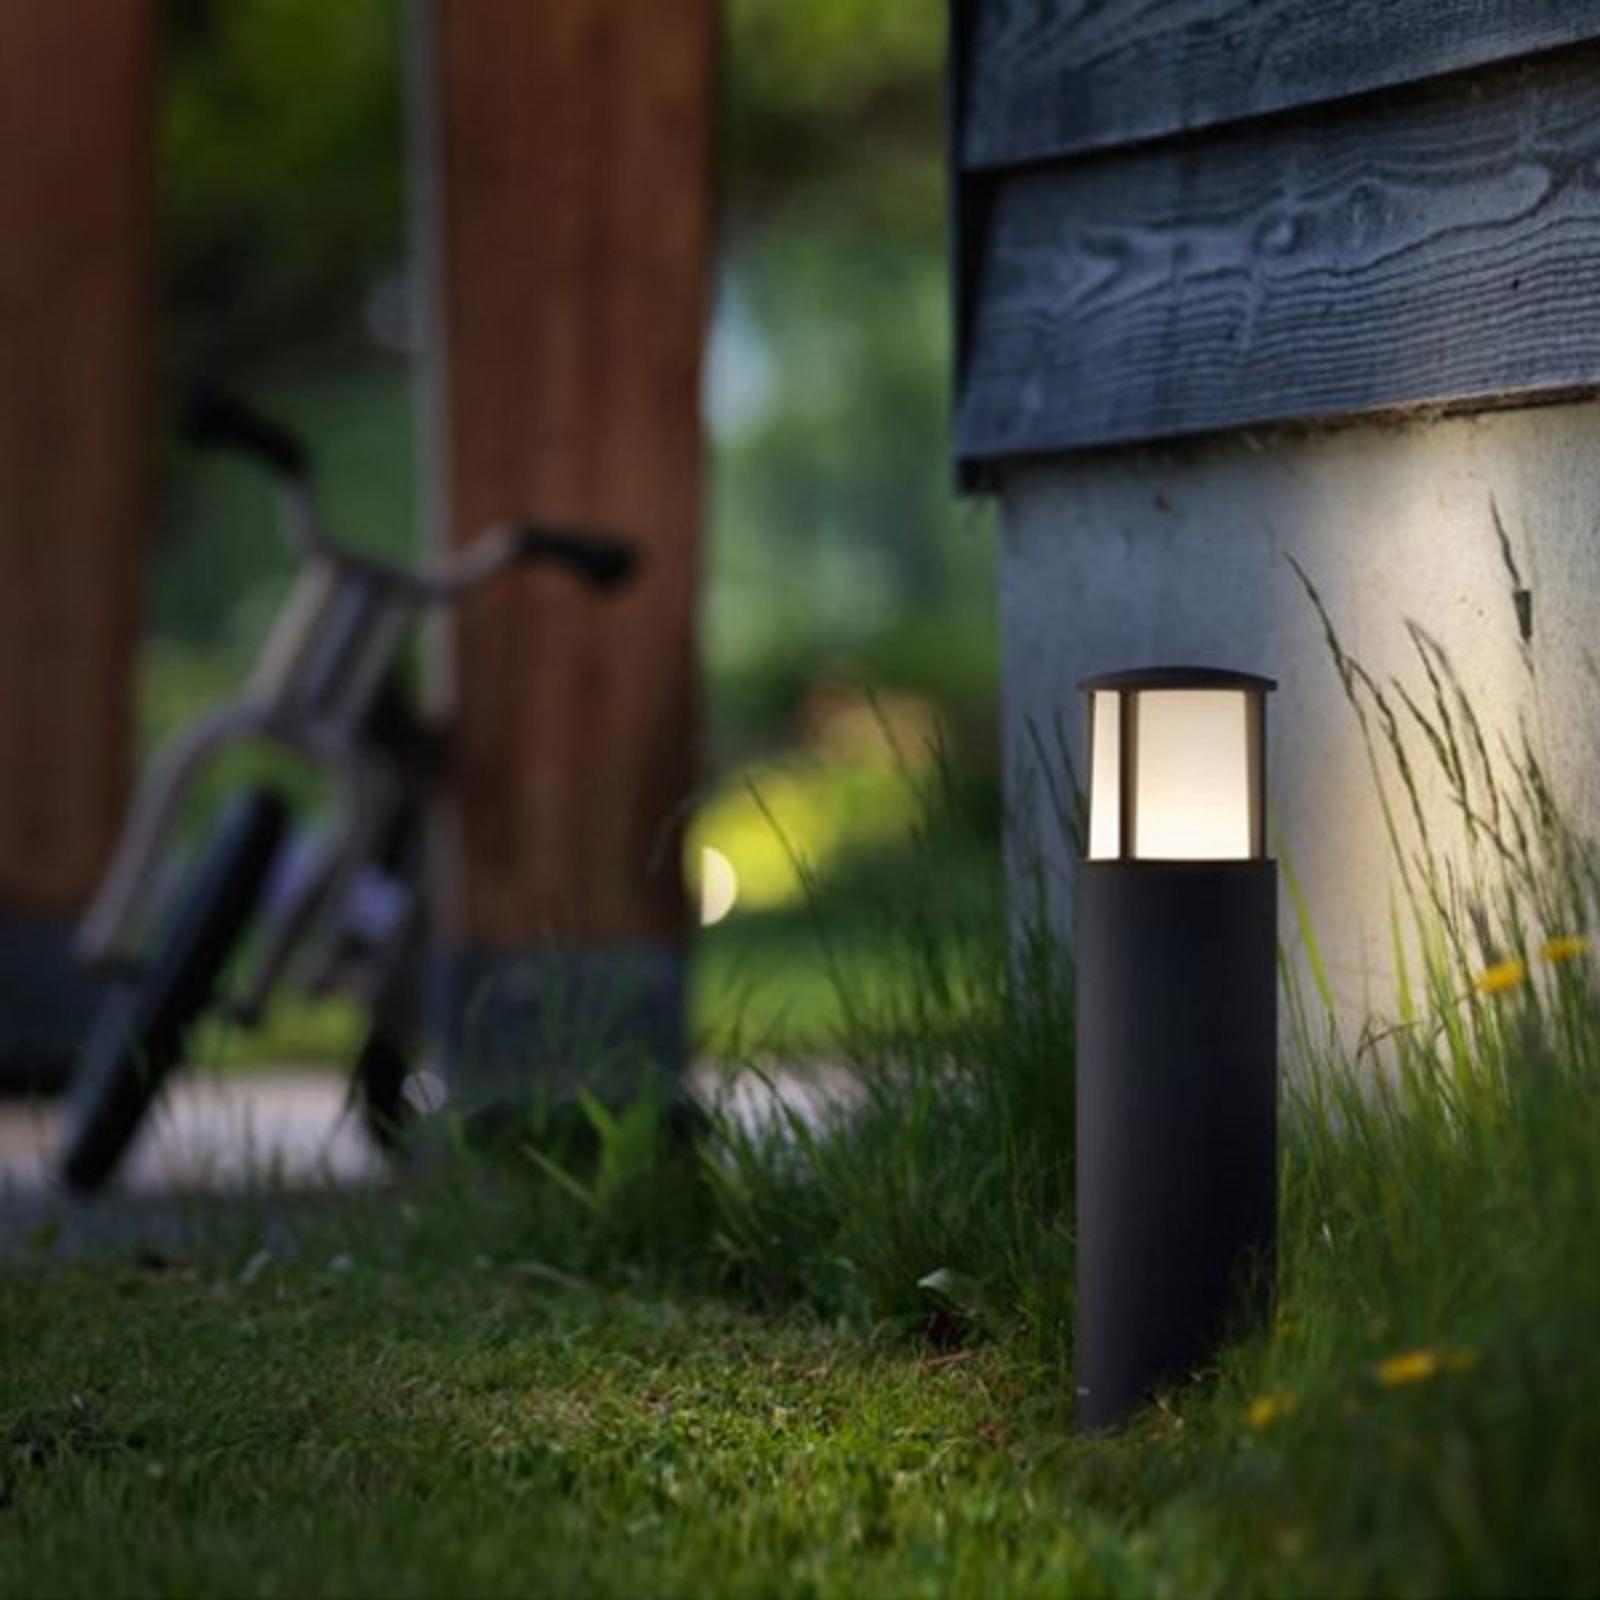 LED sokkellamp Stock in modern lantaarnontwerp